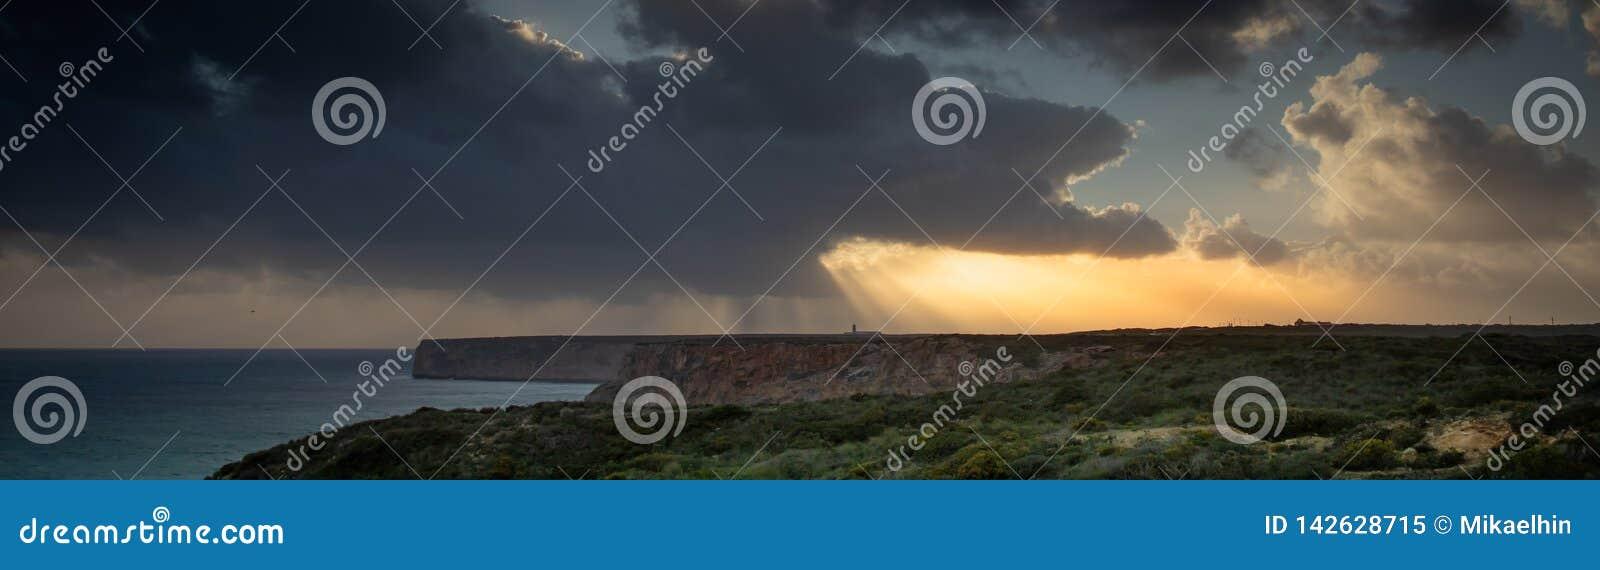 Weergeven van de vuurtoren en de klippen bij Kaap St Vincent in Portugal bij onweer